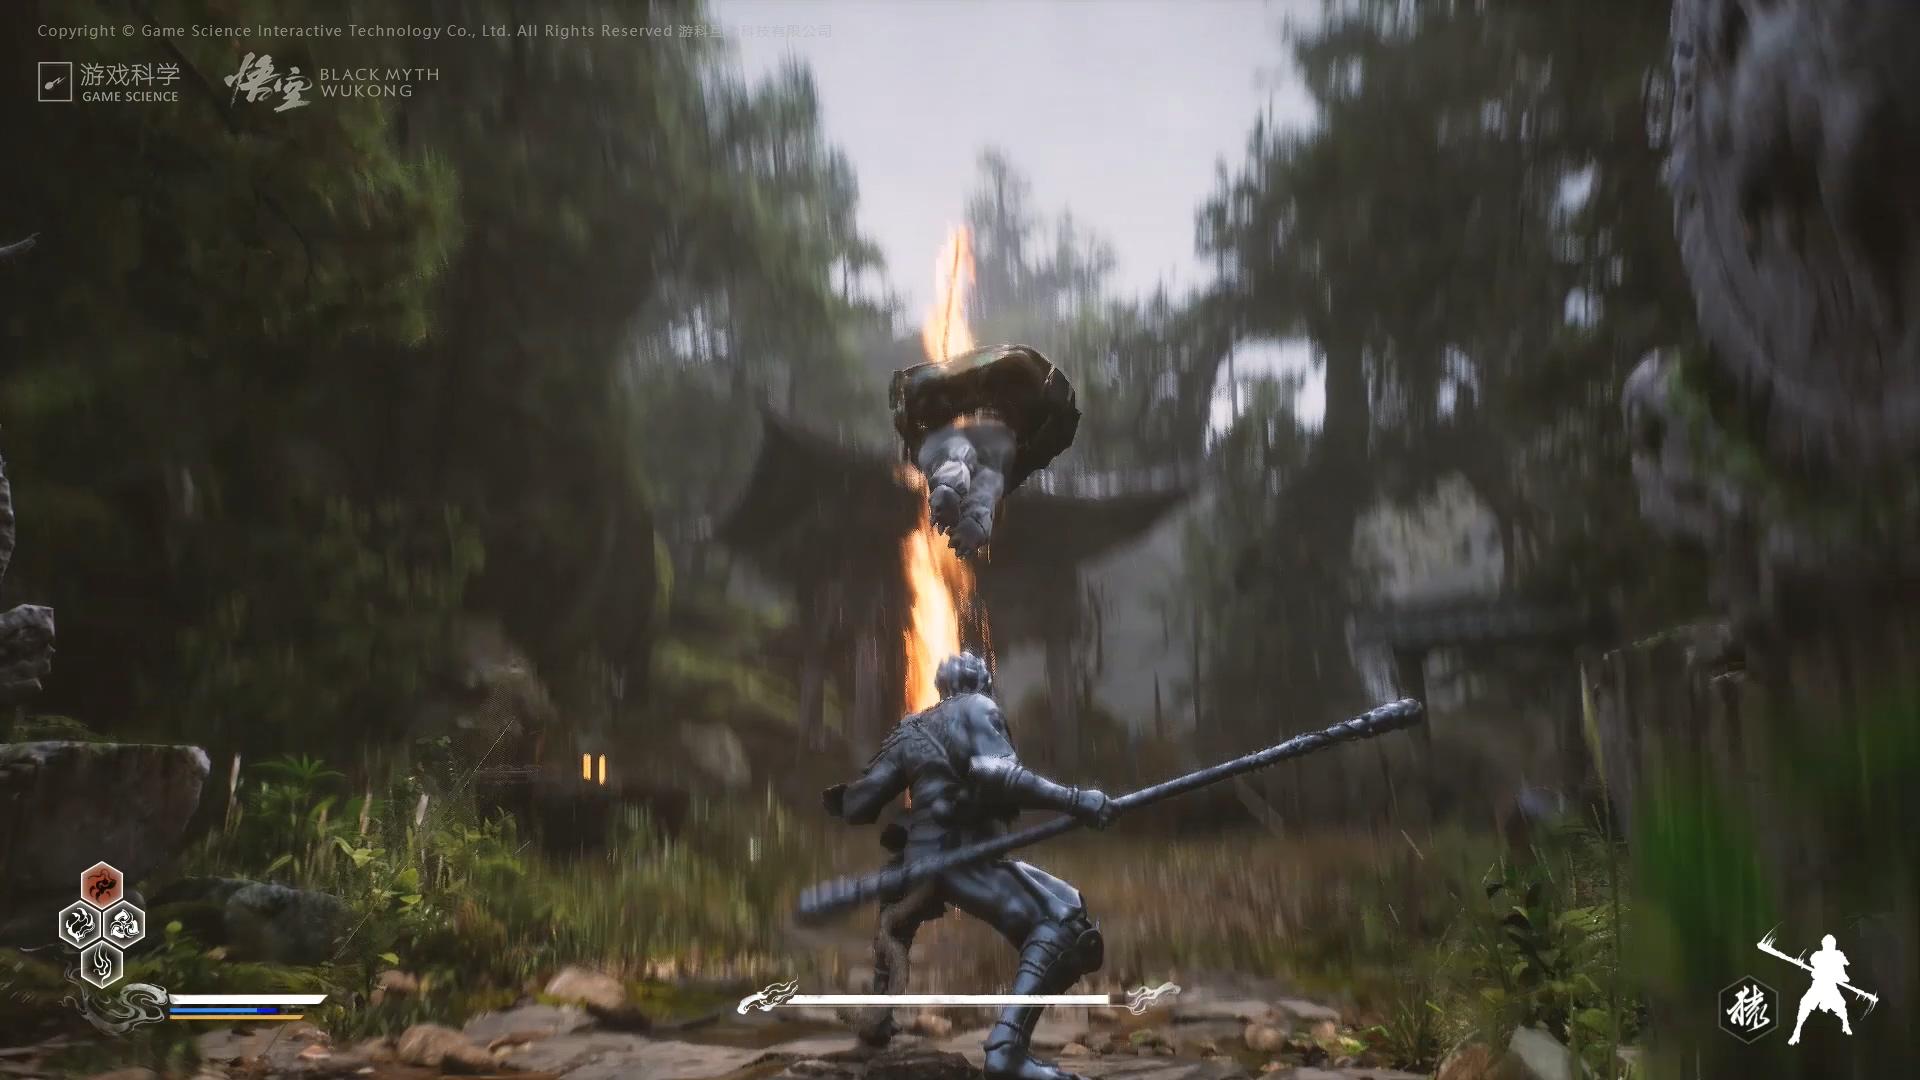 Black Myth: Wu Kong annunciato per Console e PC 12